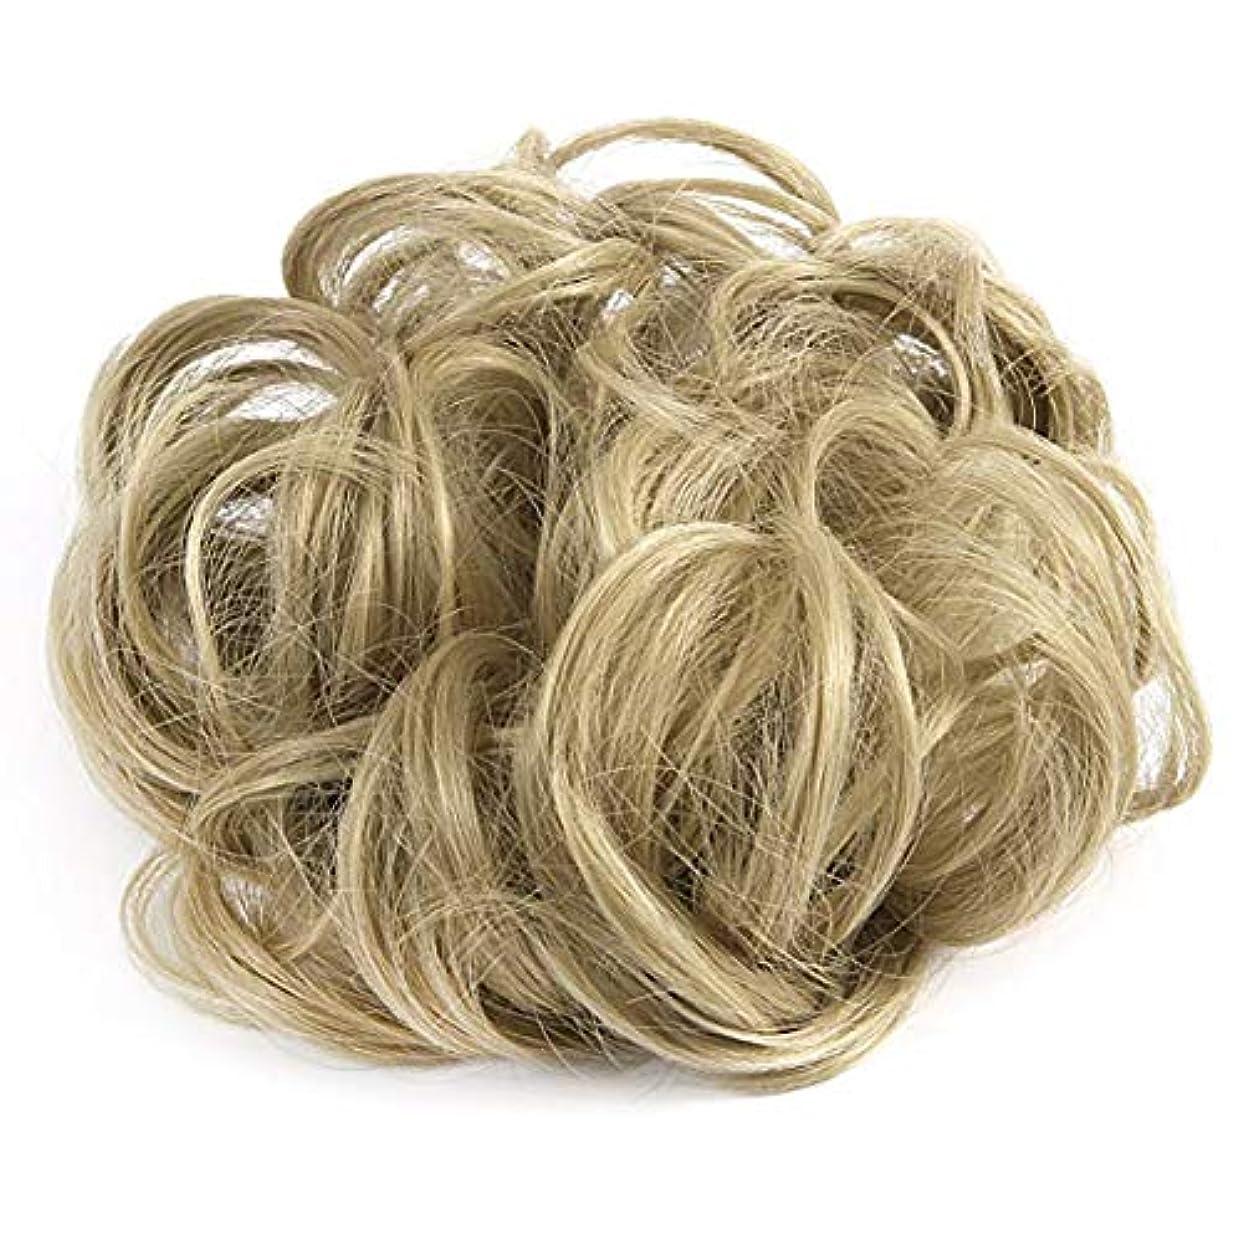 収まる名前を作るキャラバン汚い波状ヘアエクステンションヘアウィッグテープループバンズバンズの女性と少女がウィッグをポニーテール(アッシュブロンド)